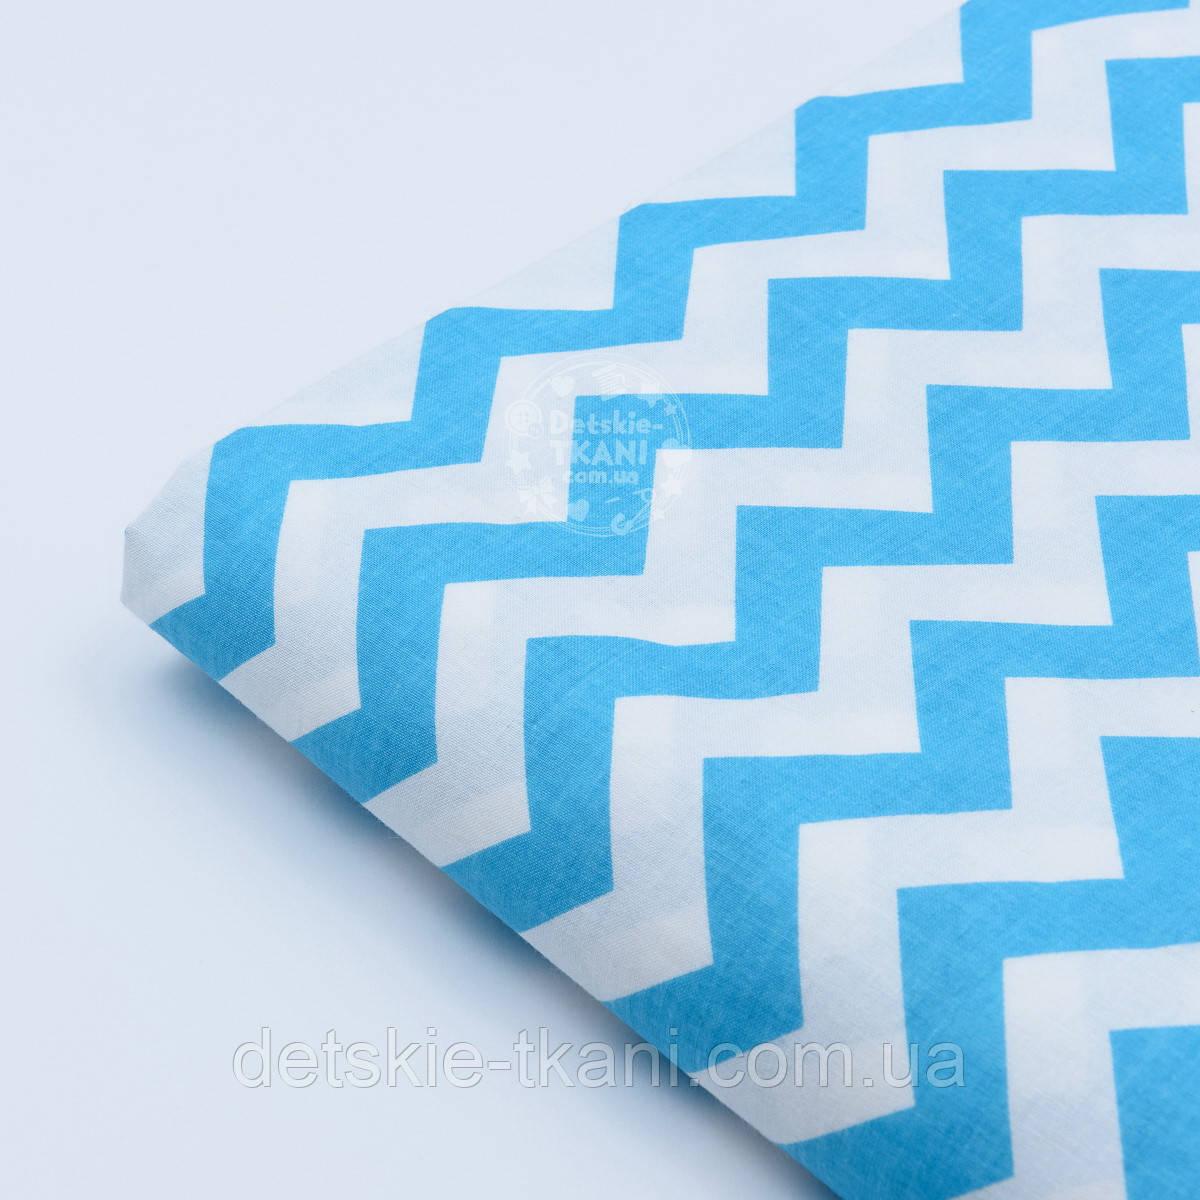 Лоскут ткани №736а с зигзагом бирюзового цвета, плотность 125 г/м2